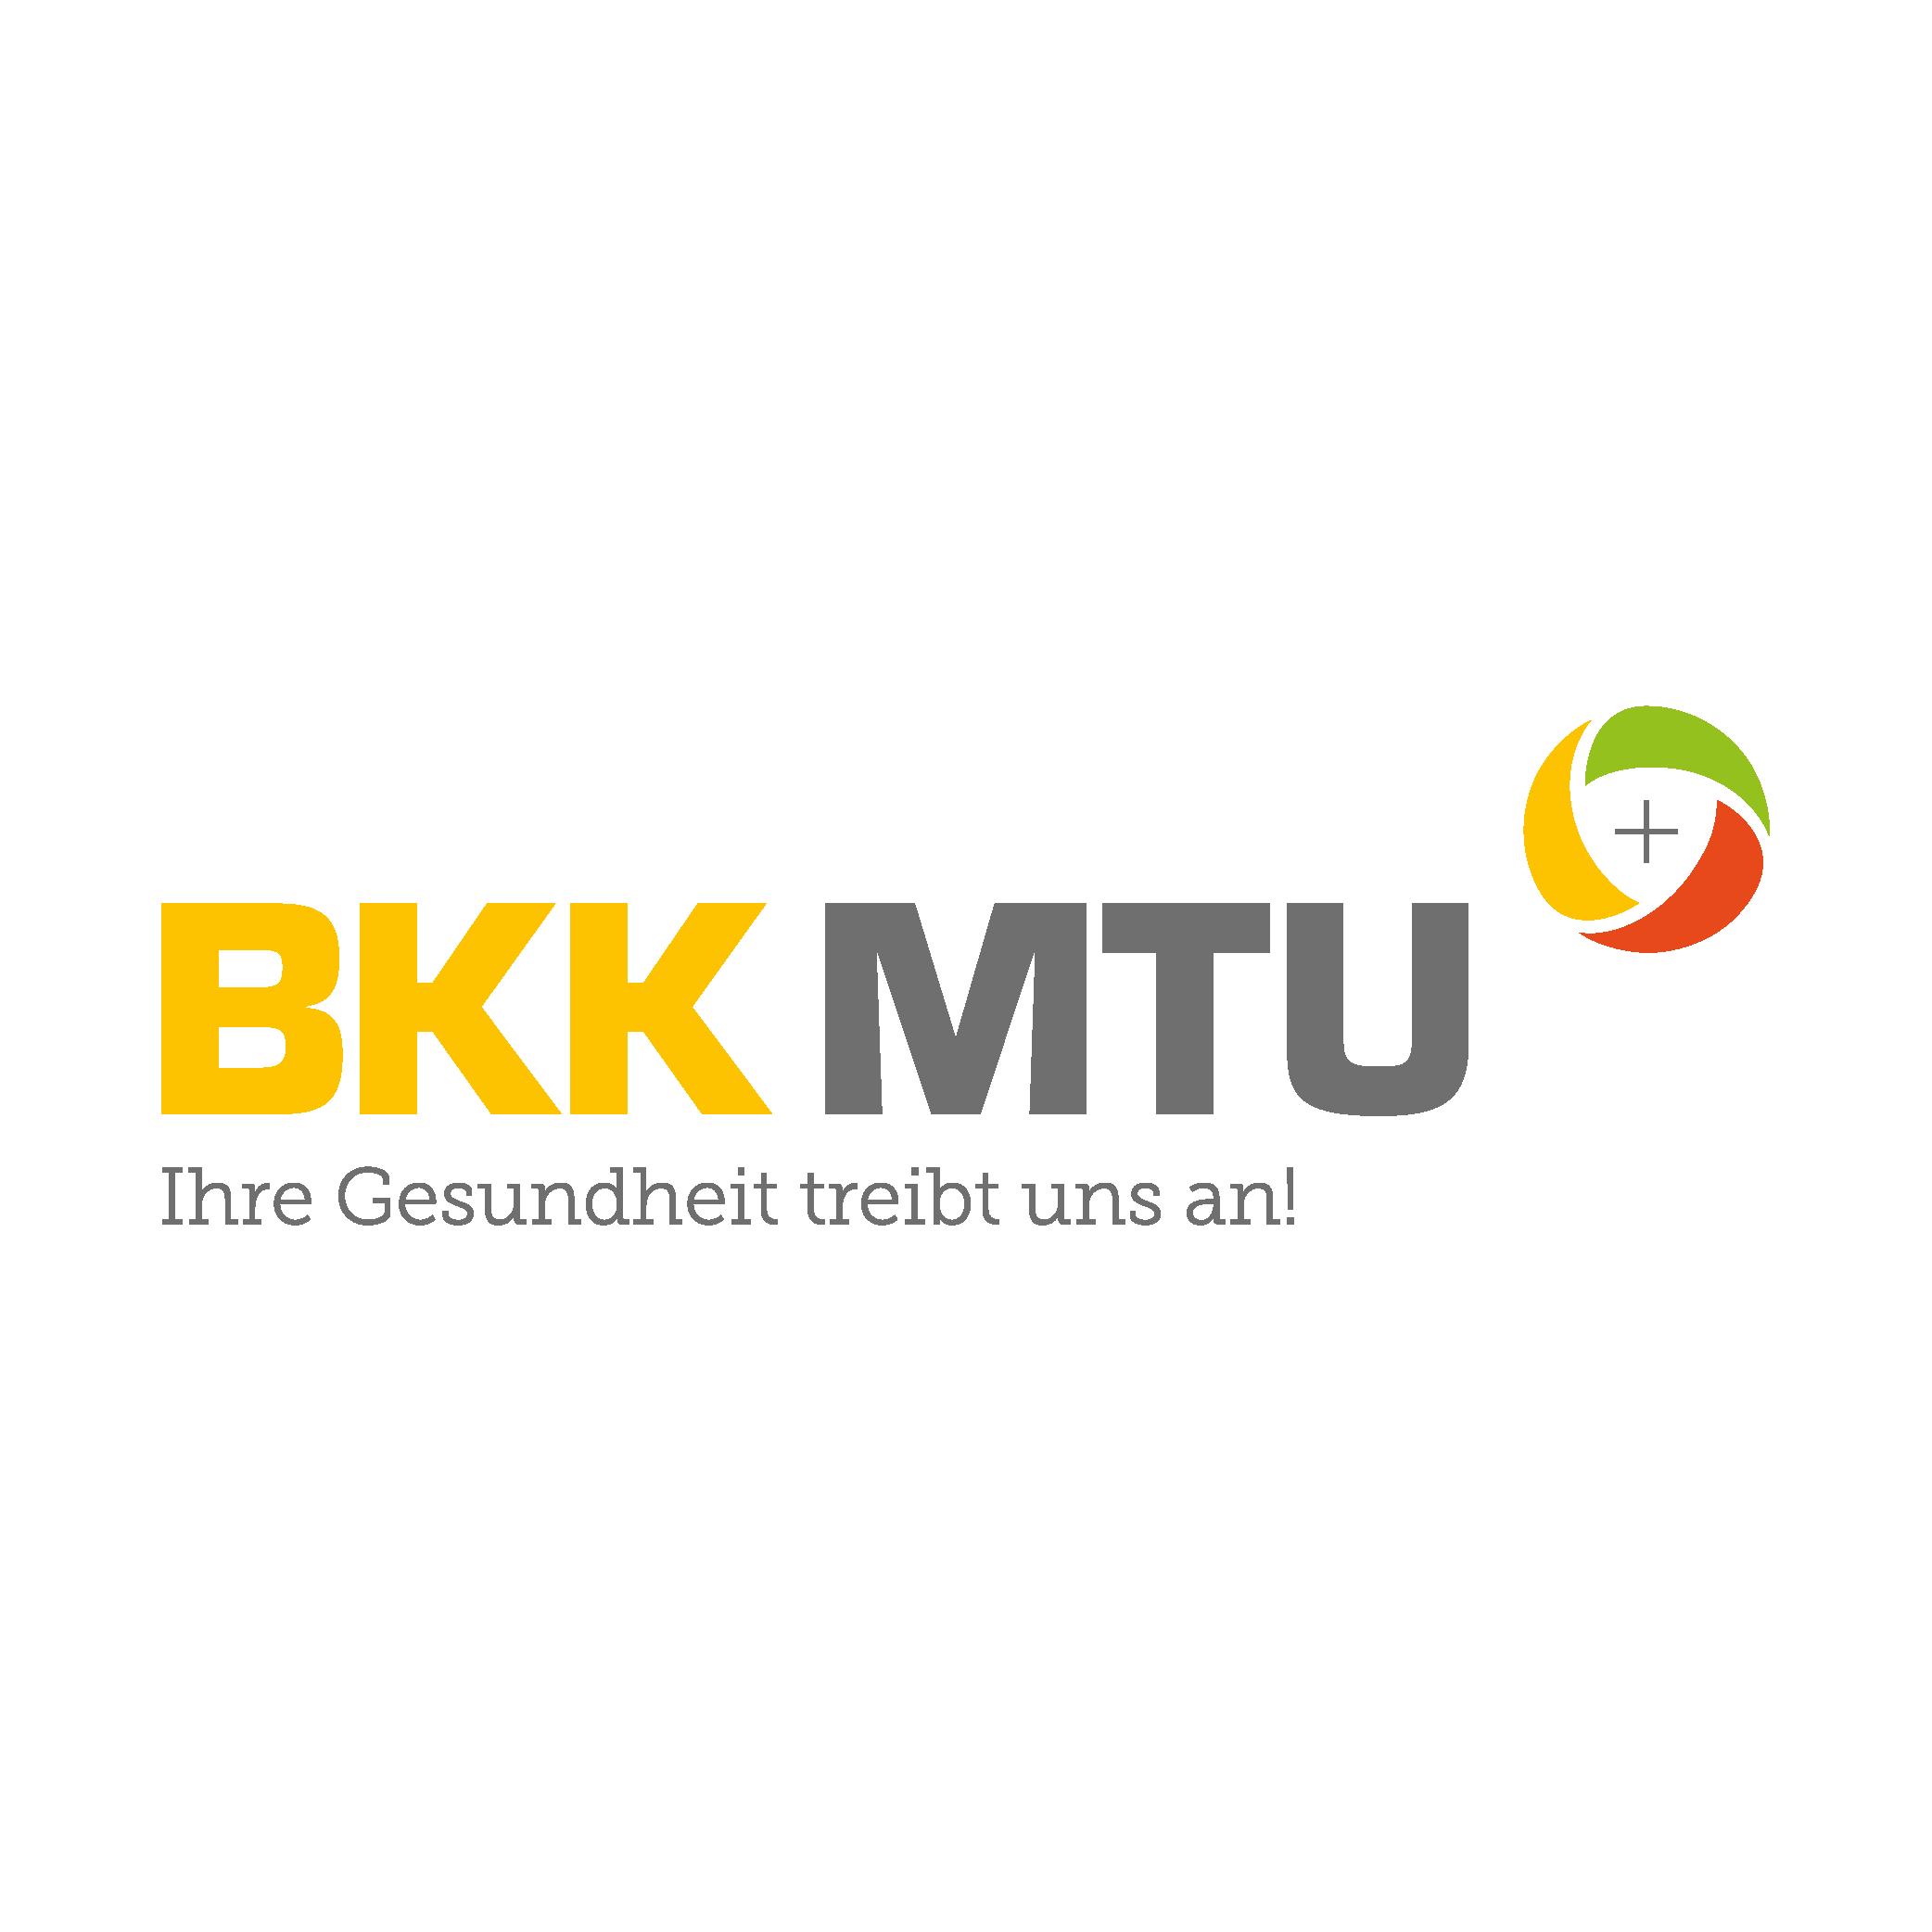 Markenzeichen der BKK der MTU